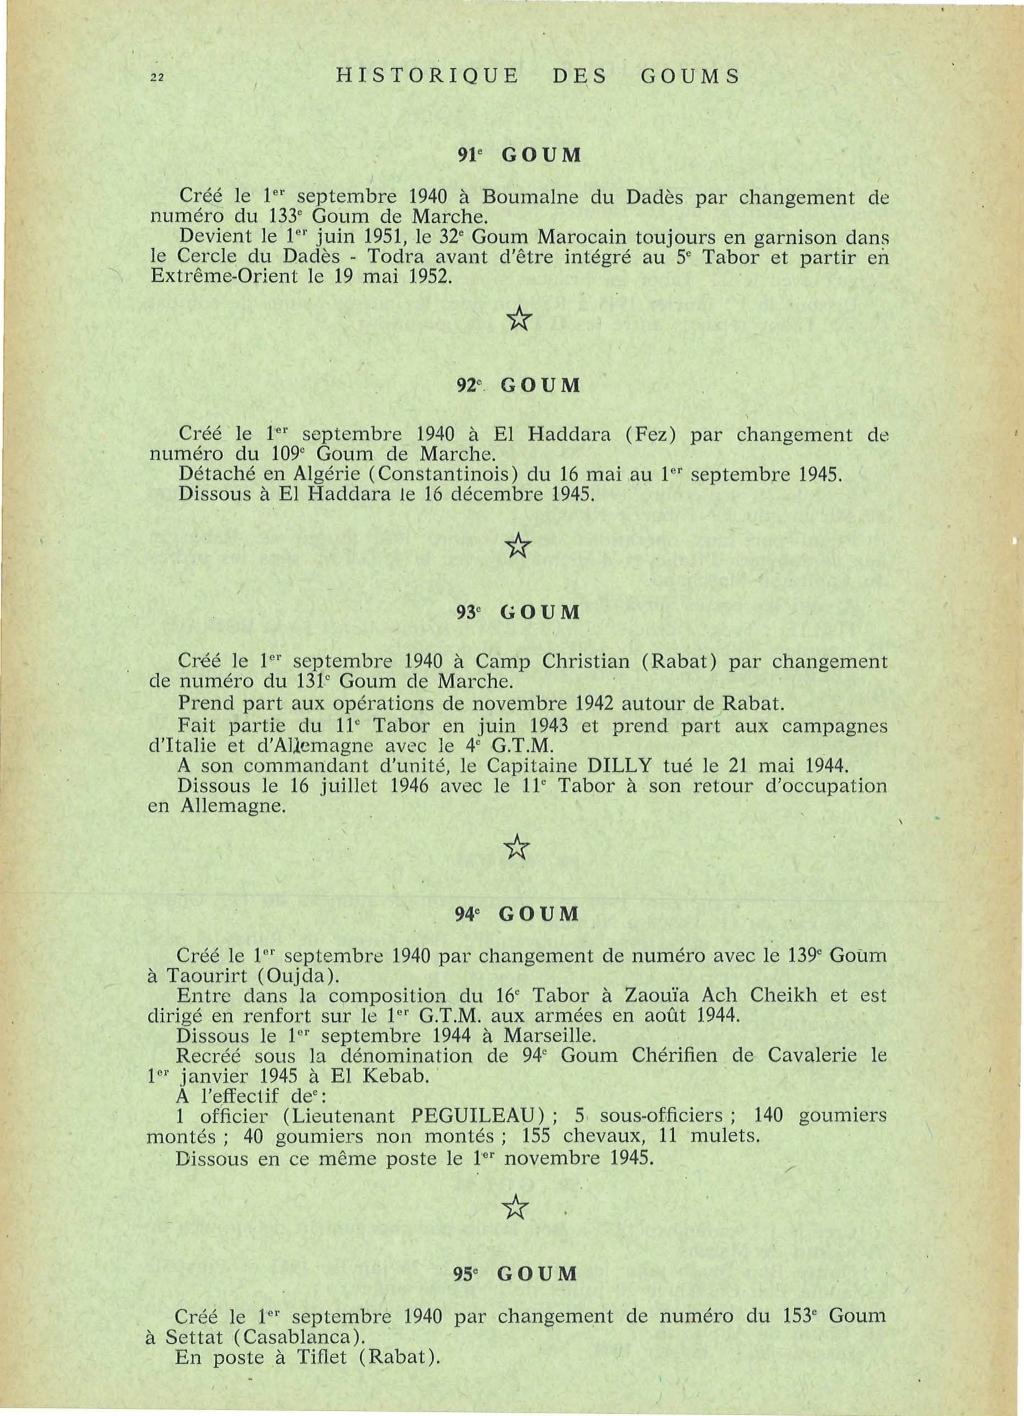 12 mai 1956 - Dissolution des Goumiers & integration aux FAR La_kou48